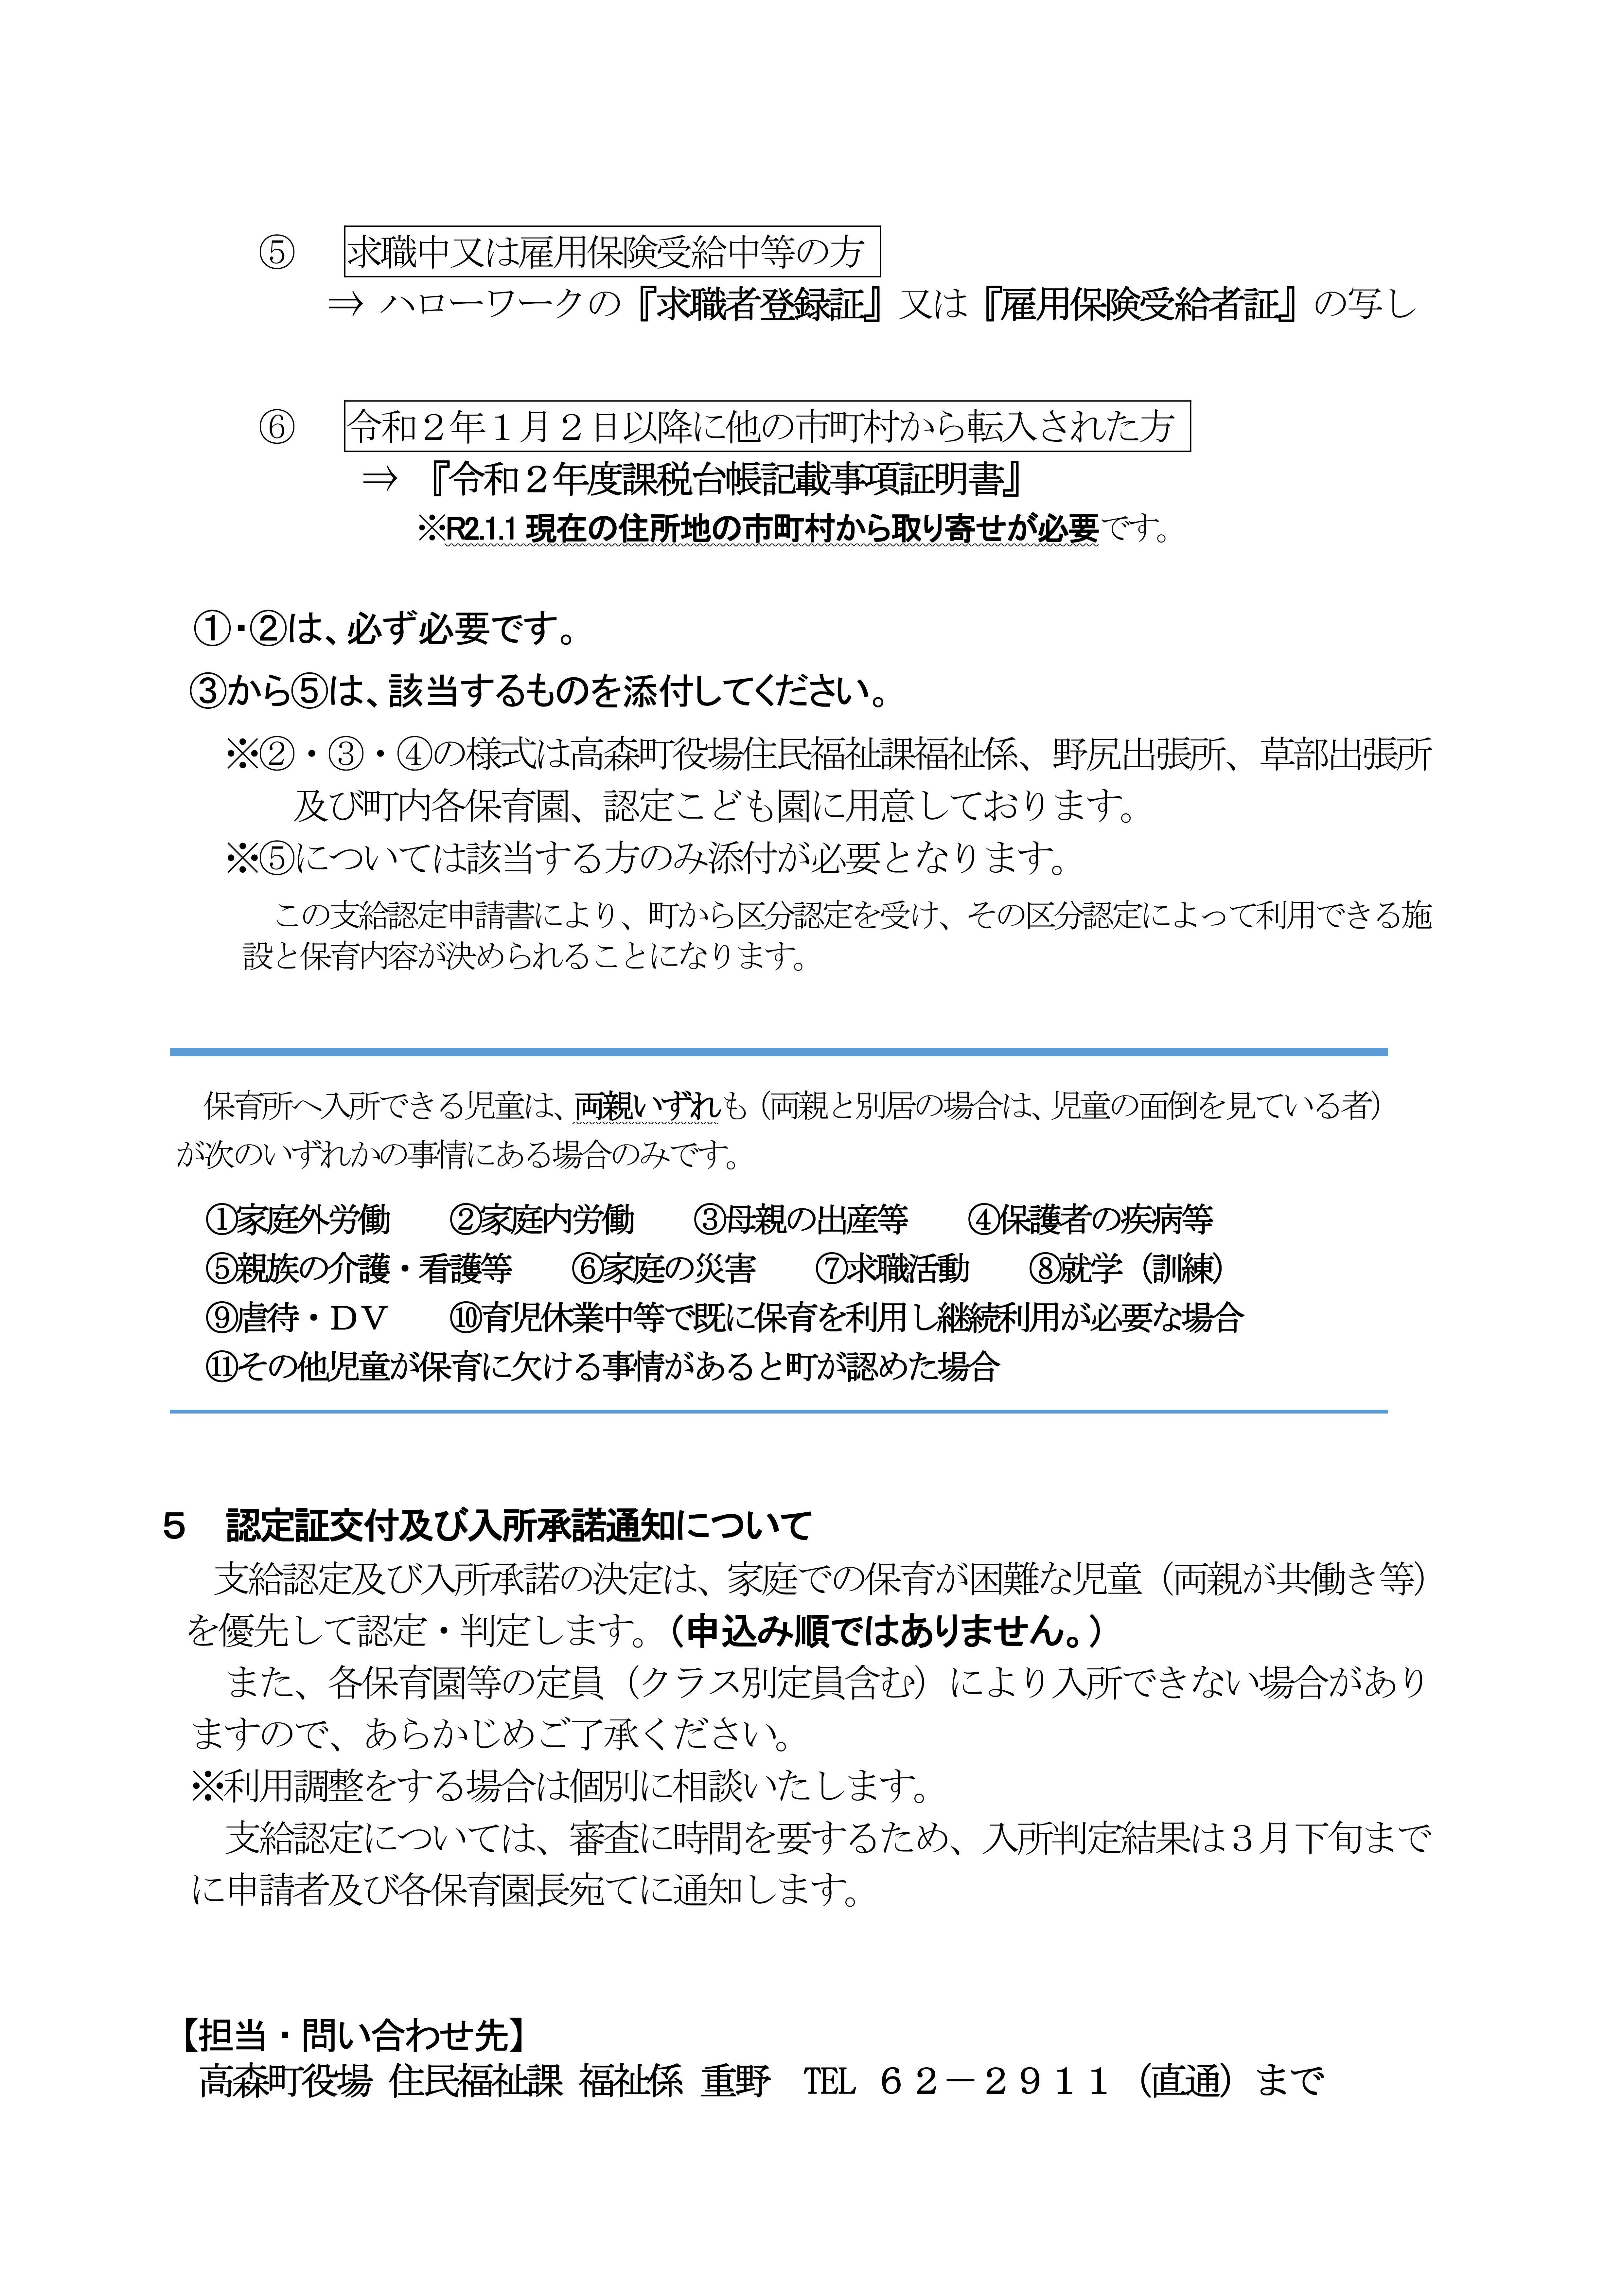 http://www.town.takamori.kumamoto.jp/chosha/somu/upload/1f7aea09cd820d3d0de76449adf6f6b048cbf786.jpg